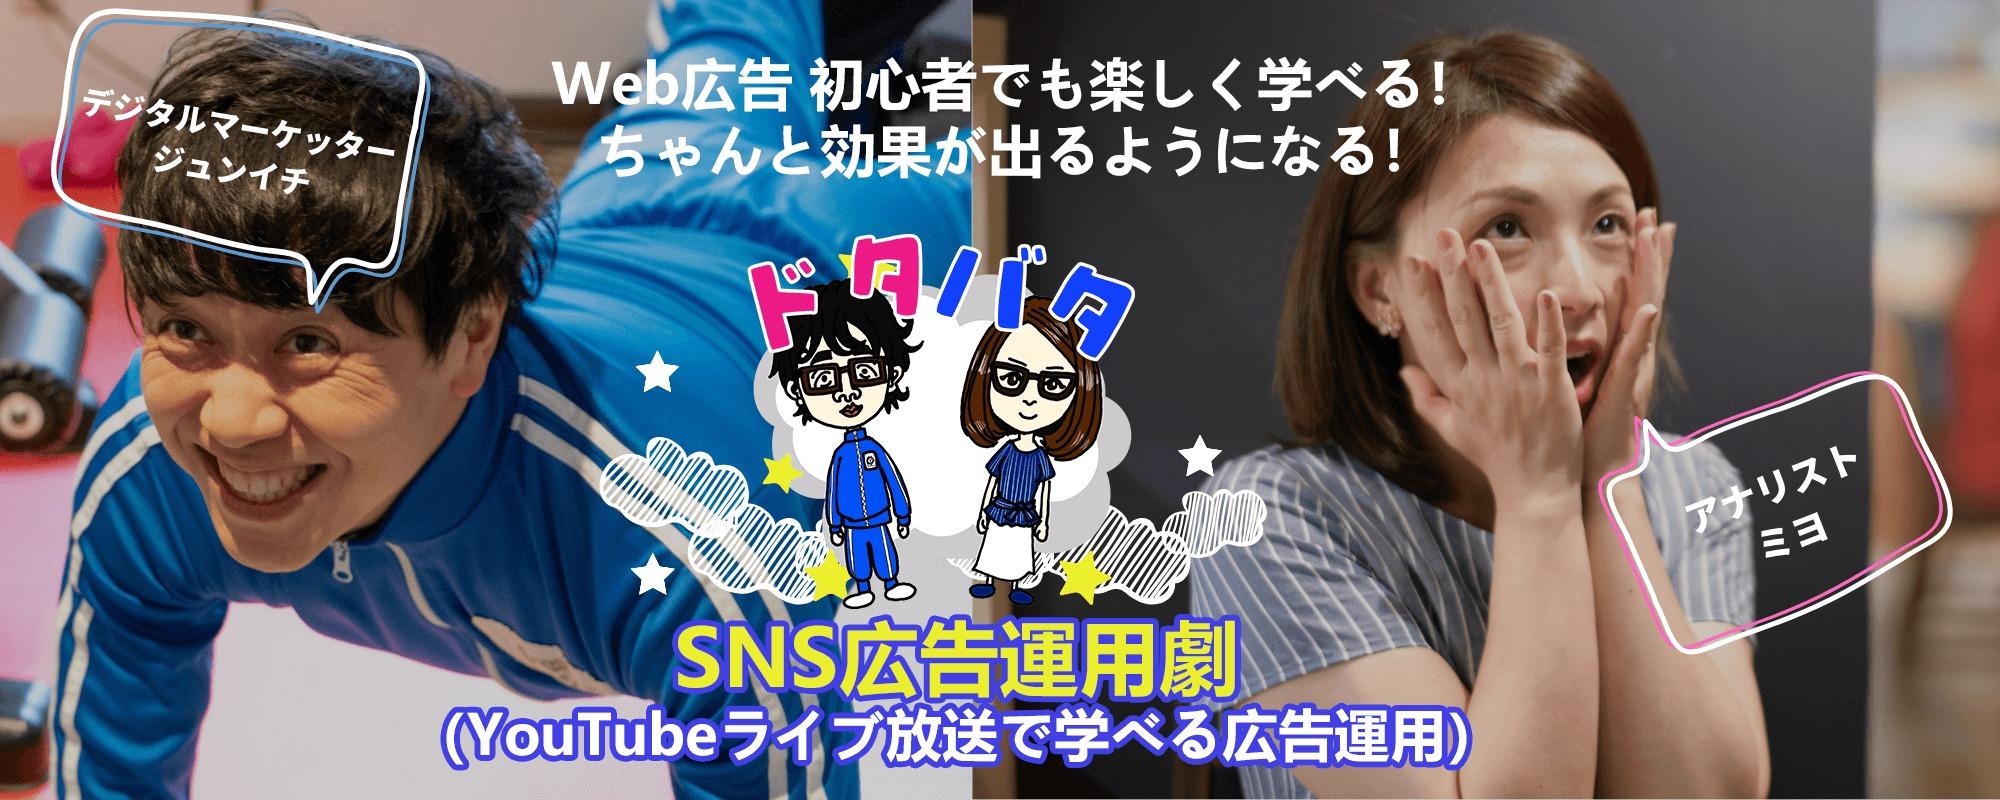 ジュンイチ&ミヨの Facebook広告ドタバタ運用劇PC2